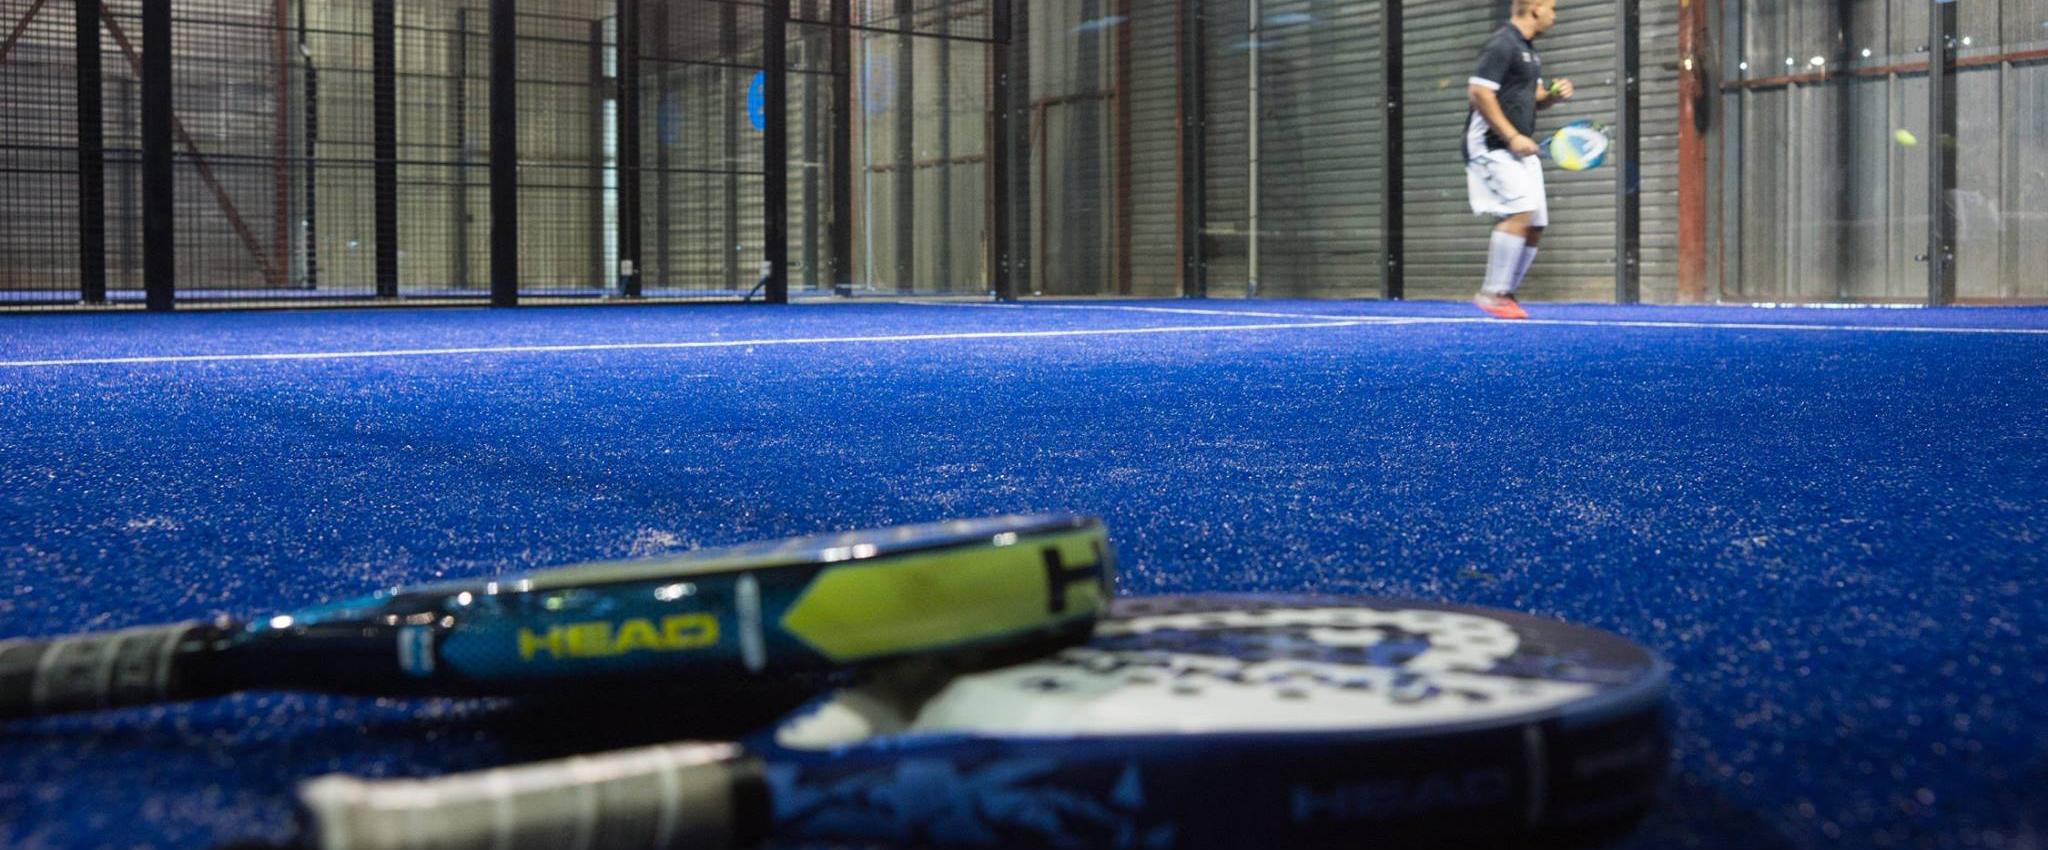 Soccer, Foot Salle, Padel, Squash, Badminton, Touchtennis...